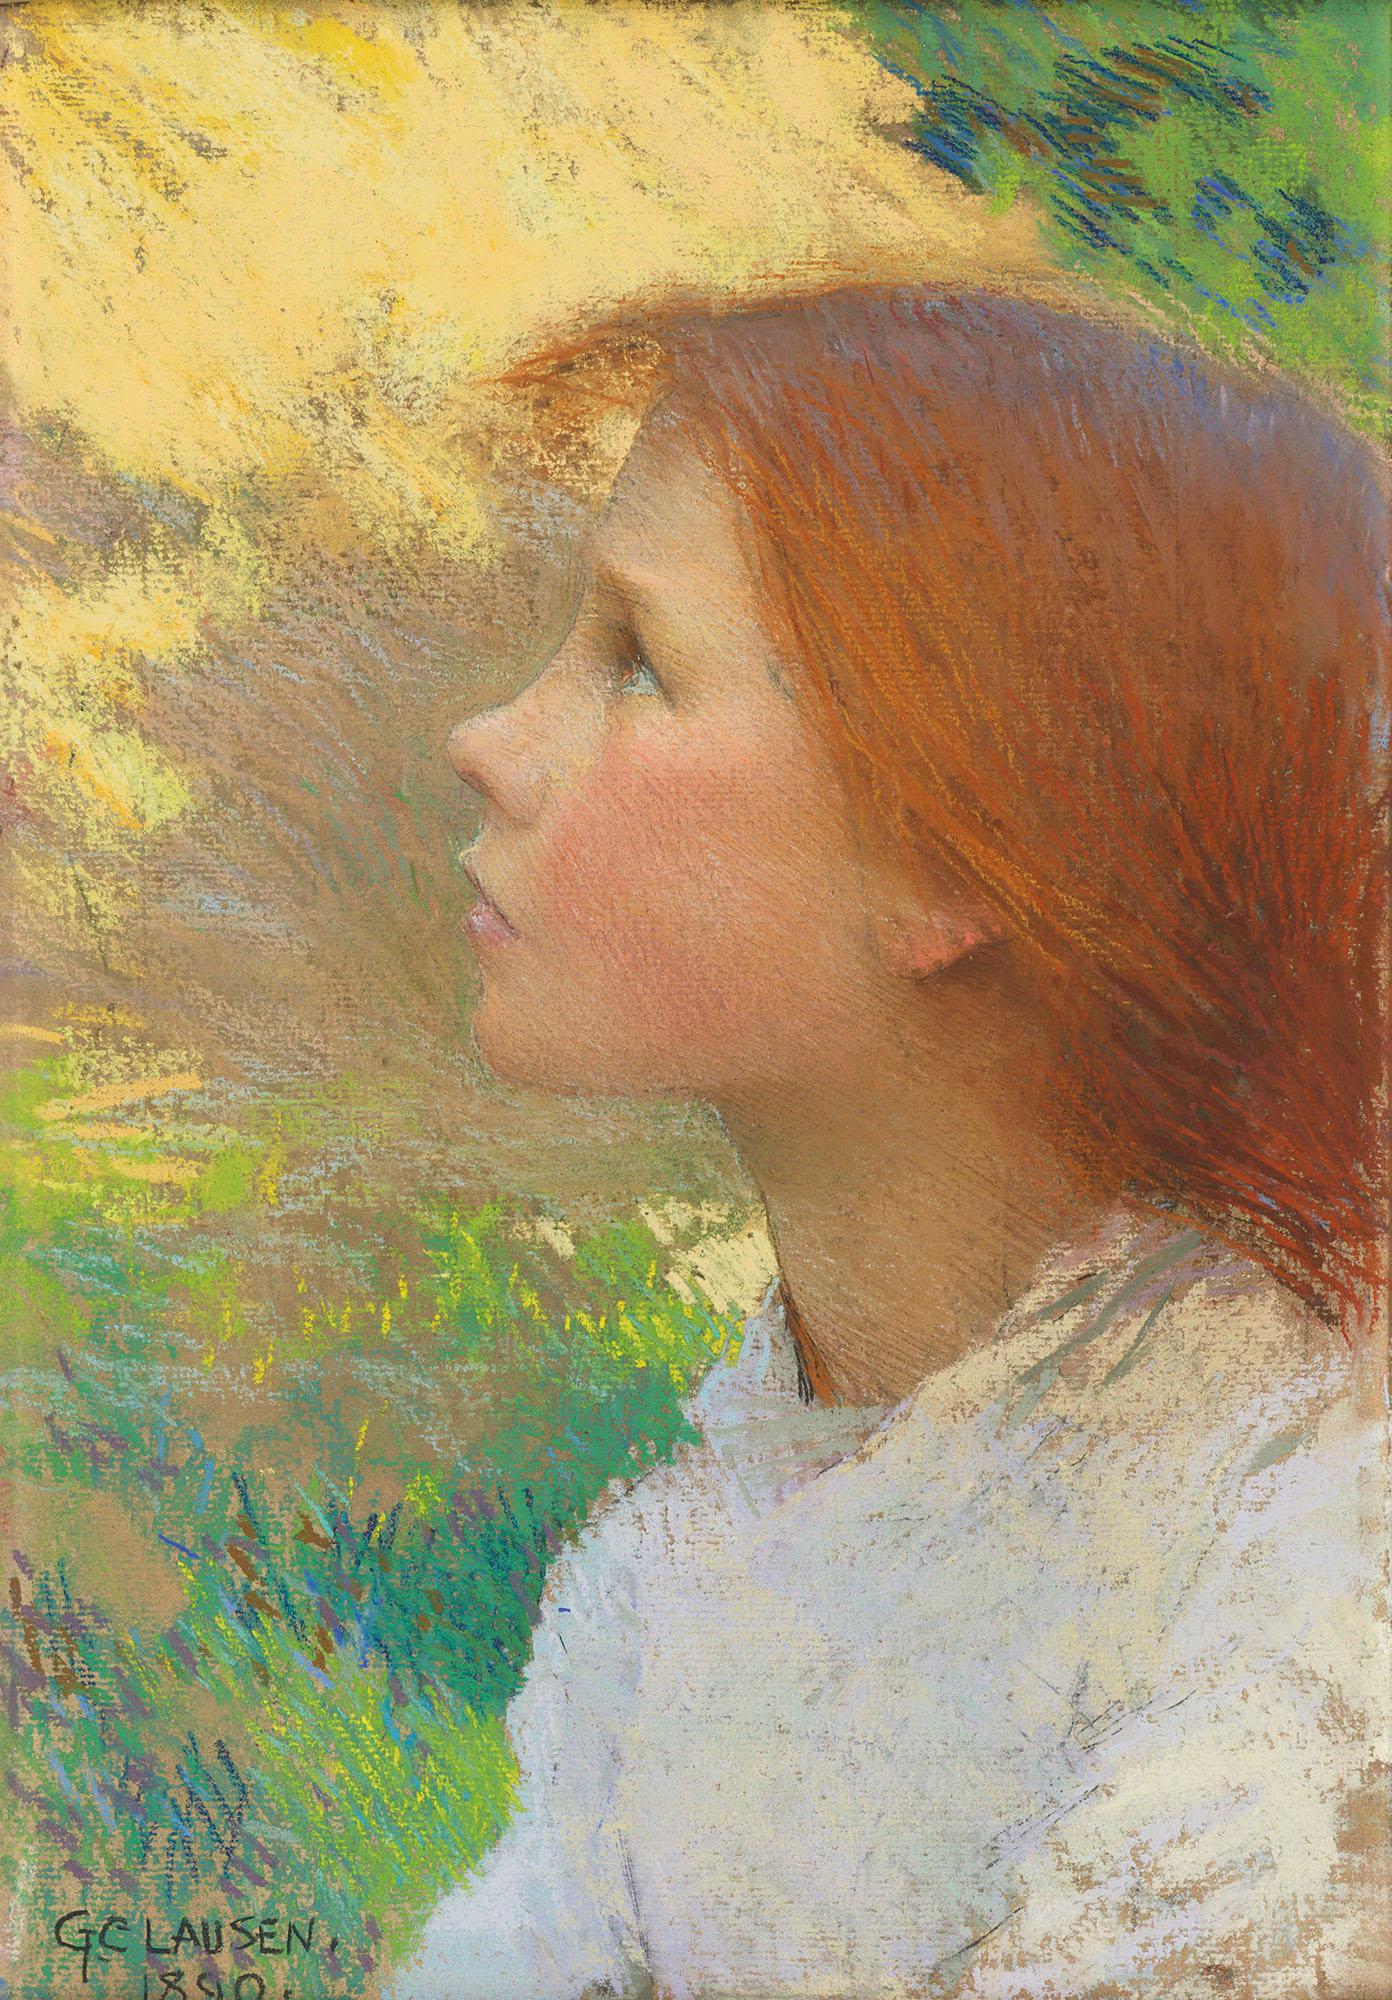 A Girl's Head Art Print by Sir George Clausen | Art.com |Sir George Clausen Head Girls